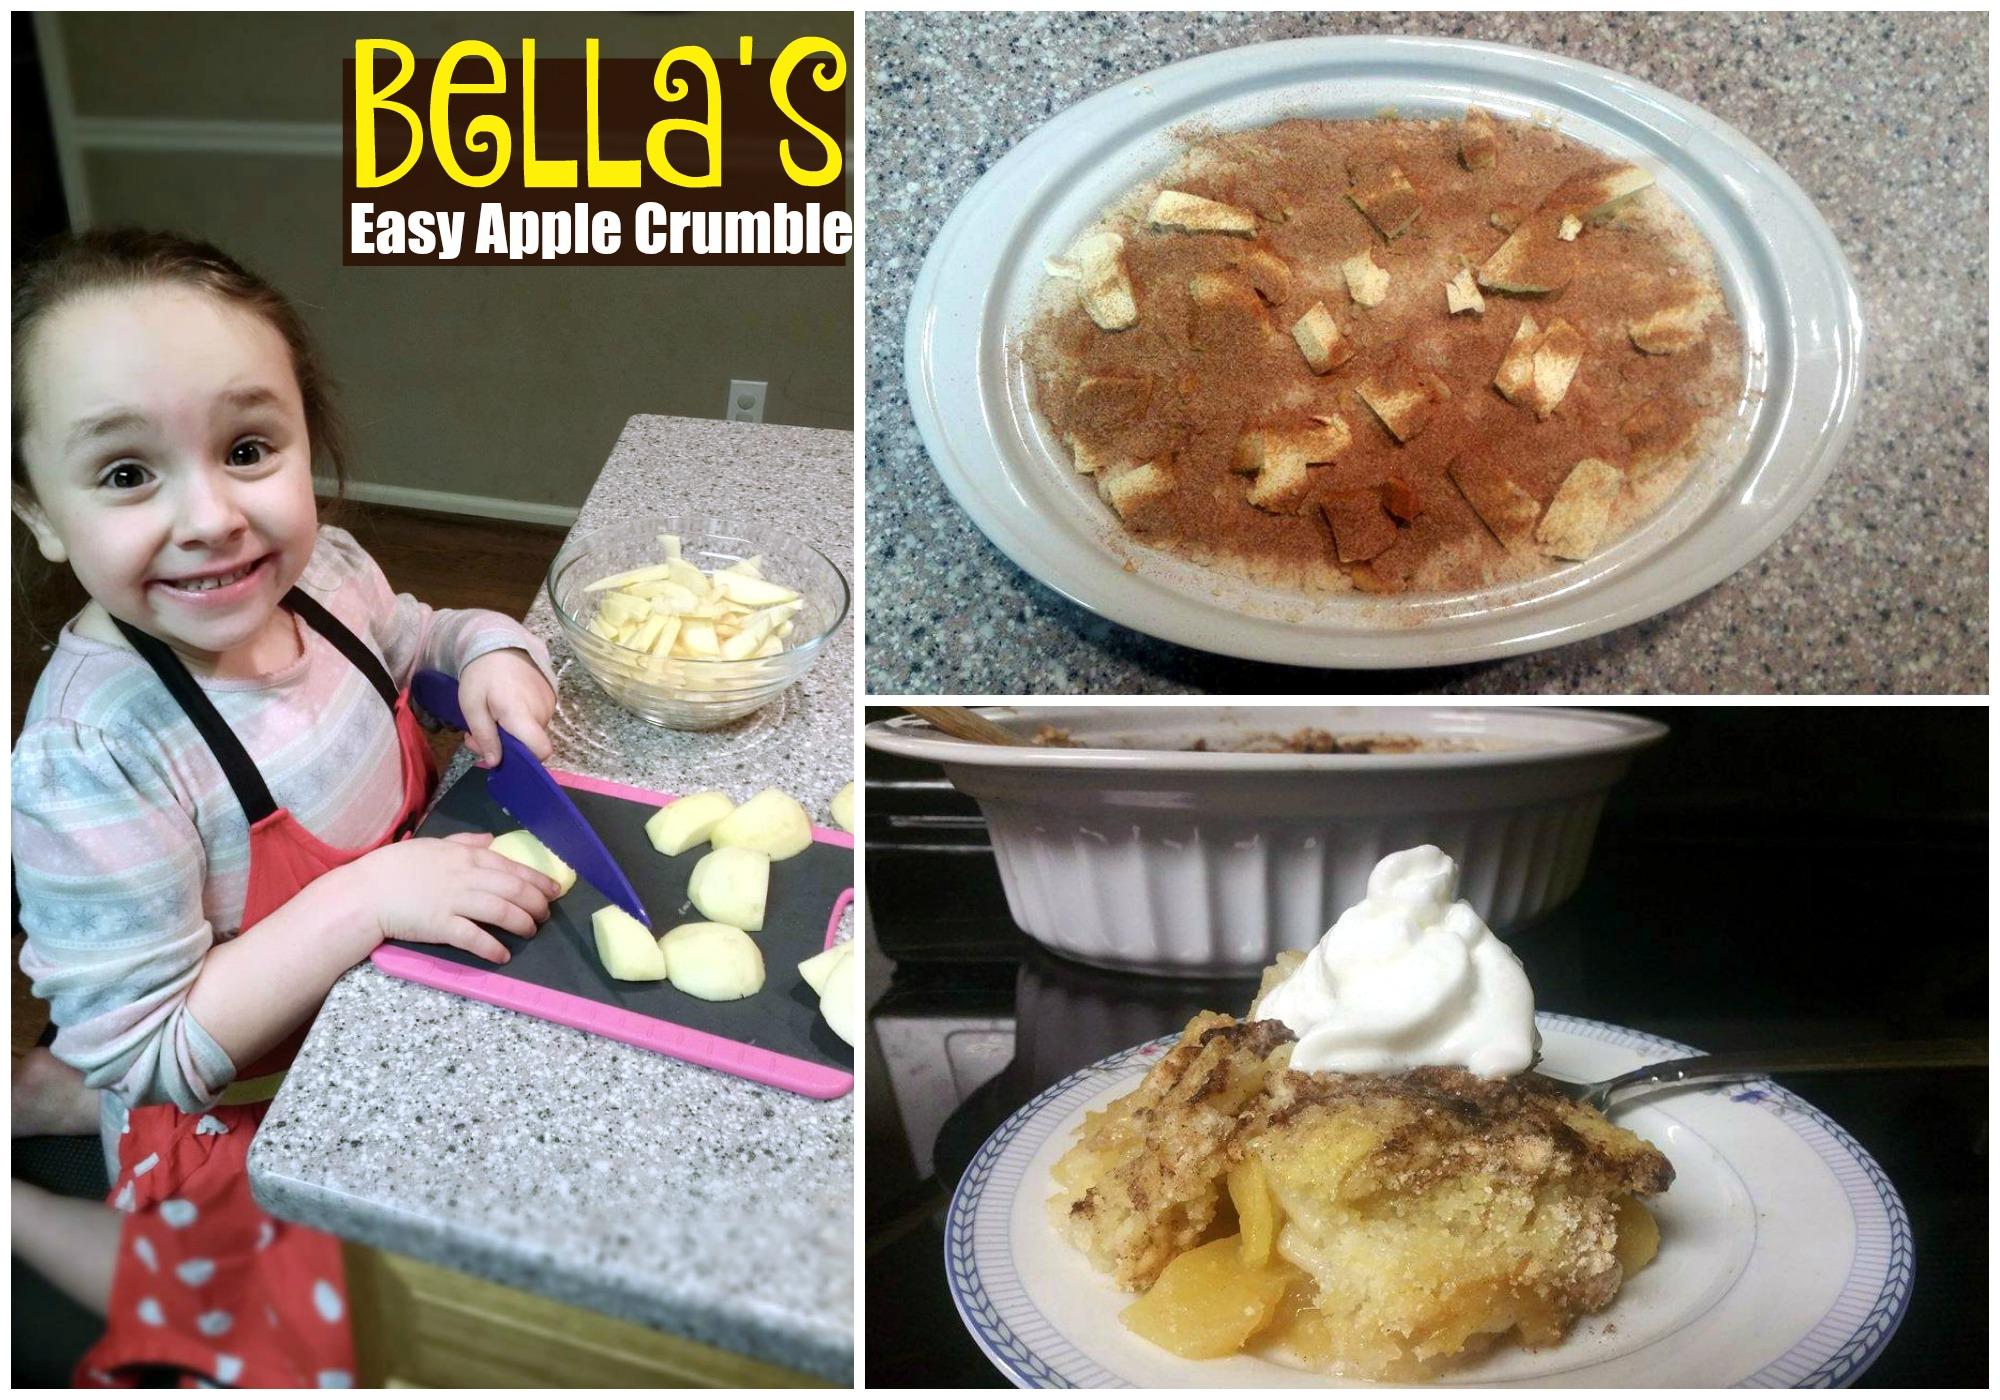 Bella's Easy Apple Crumble